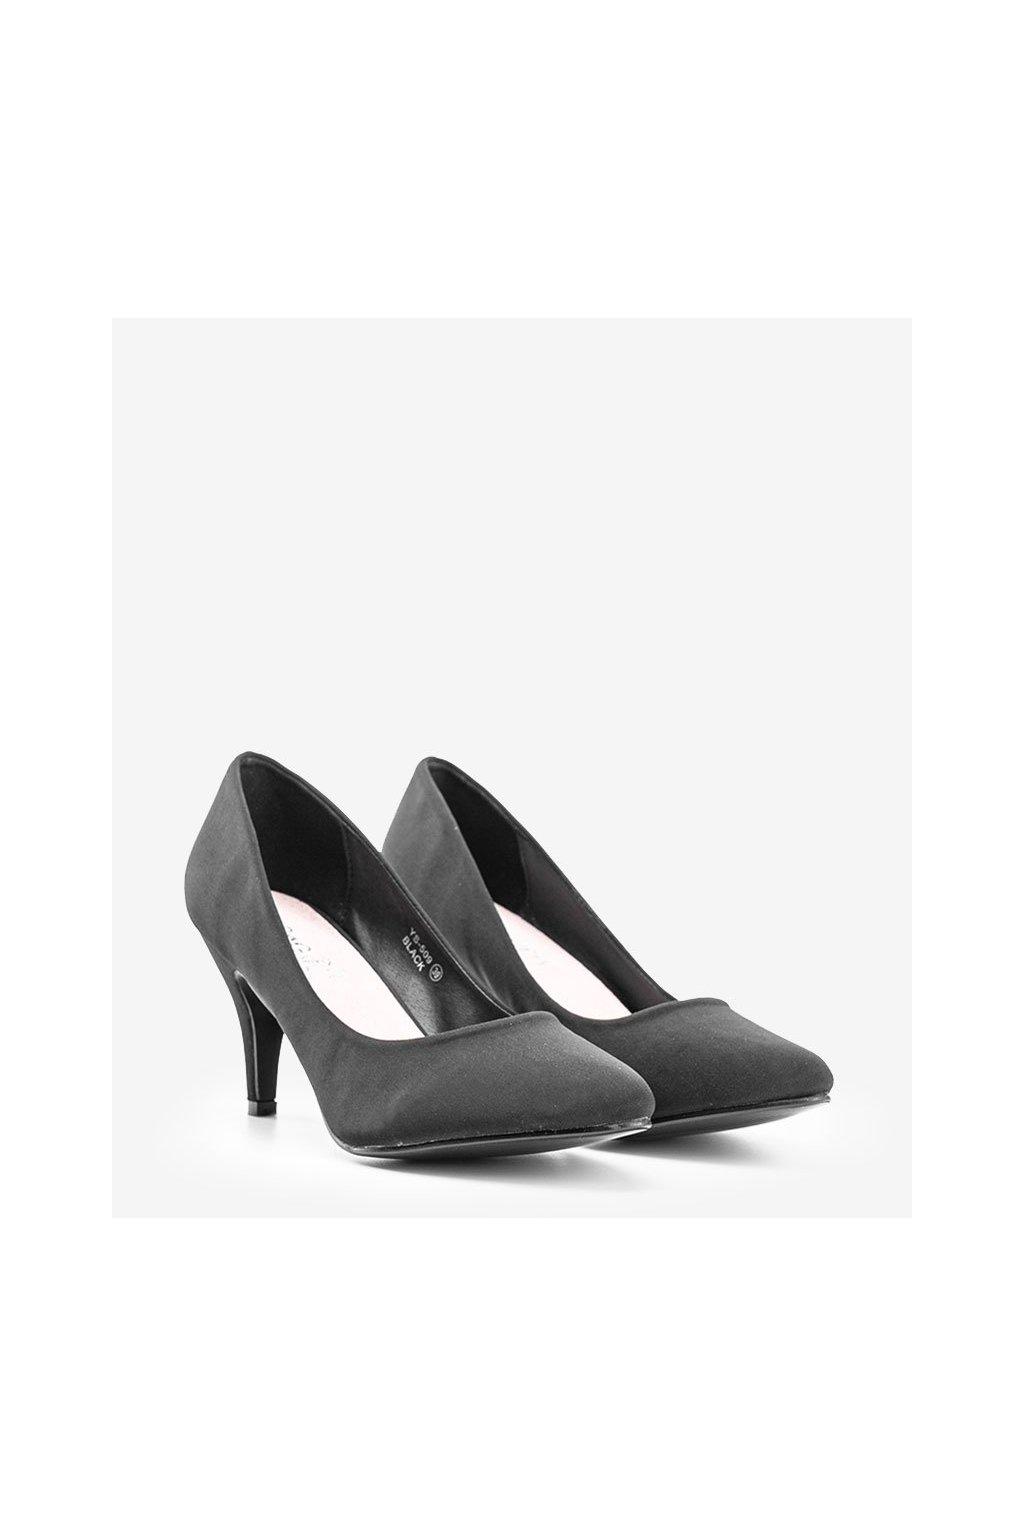 Dámske topánky lodičky čierne kód YS-509 - GM